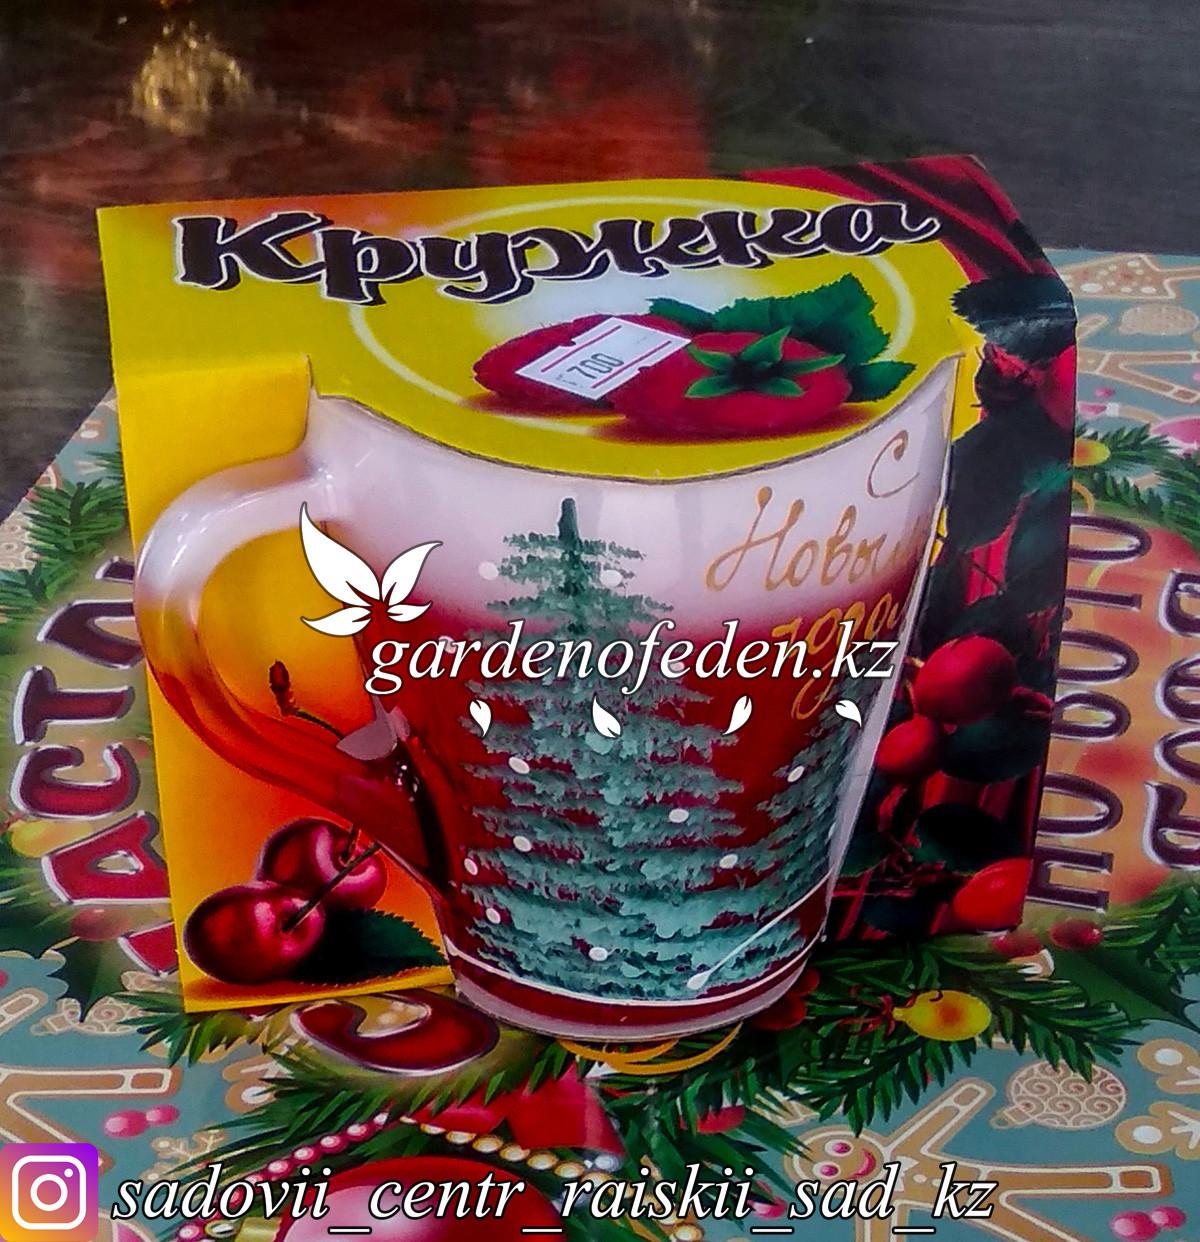 Кружка из цветного стекла с декором. Картонная упаковка. Цвет: Красный/Розовый.